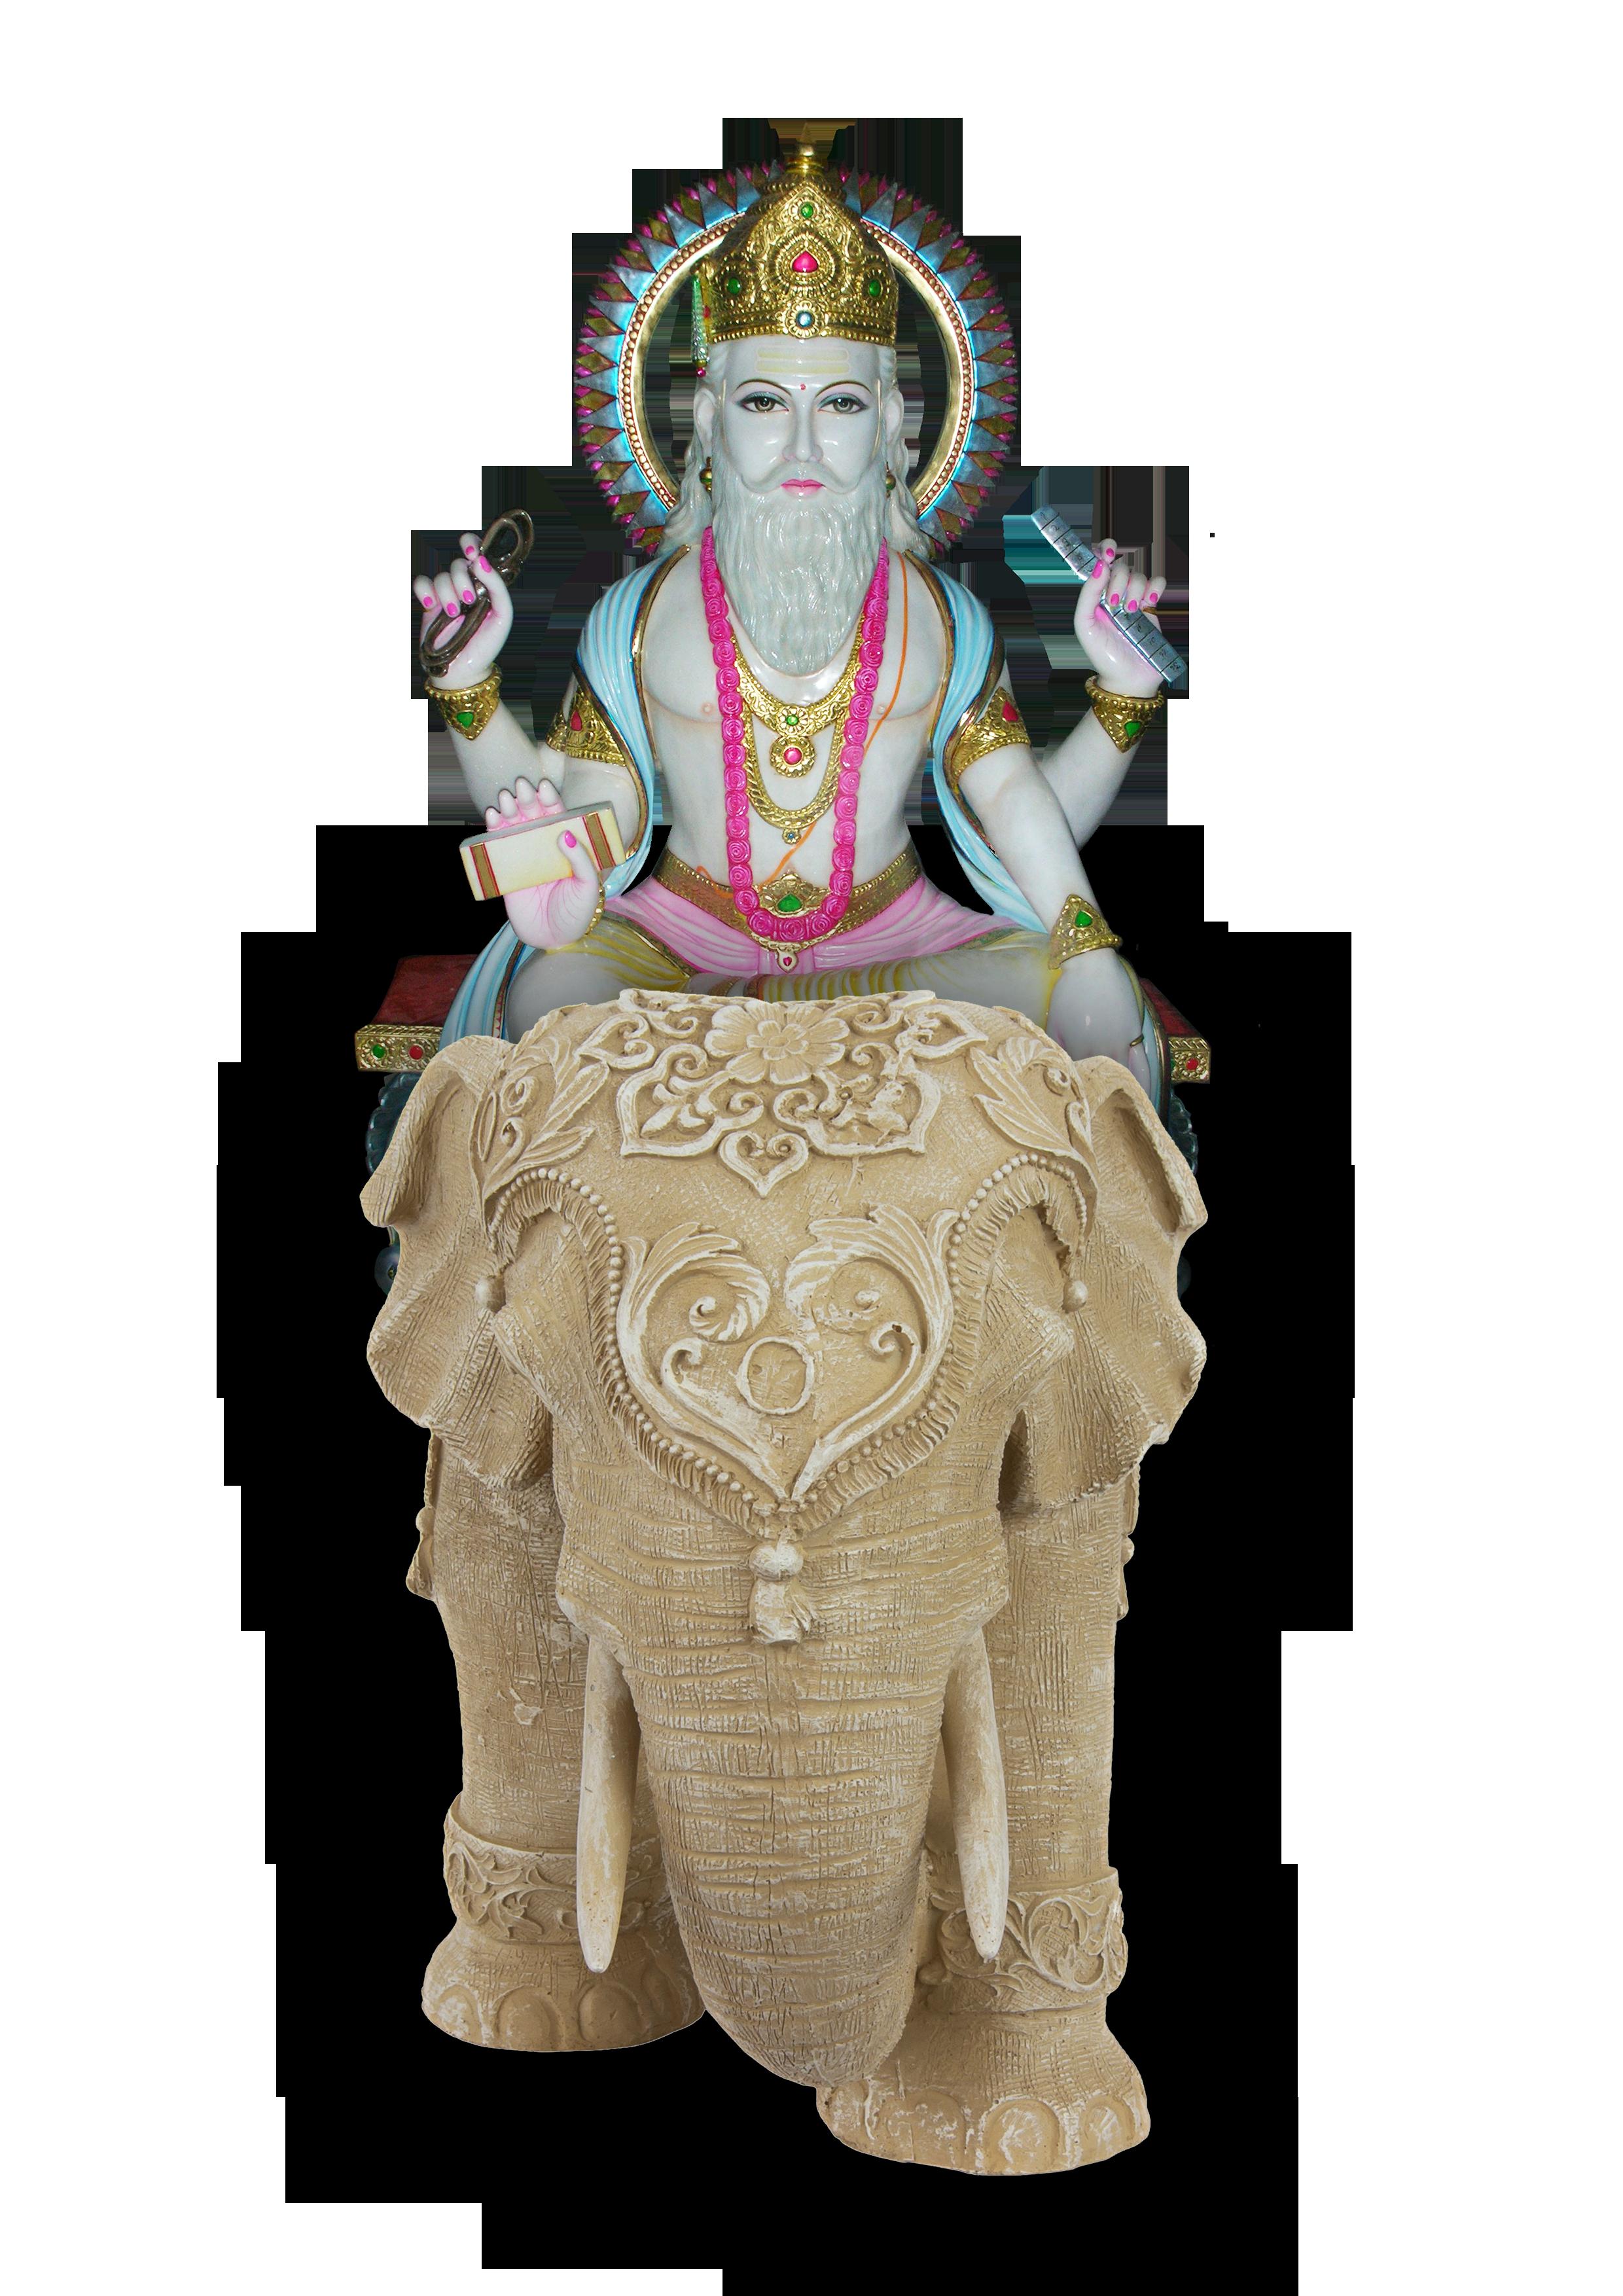 Bhuvanaputra Viswakarma